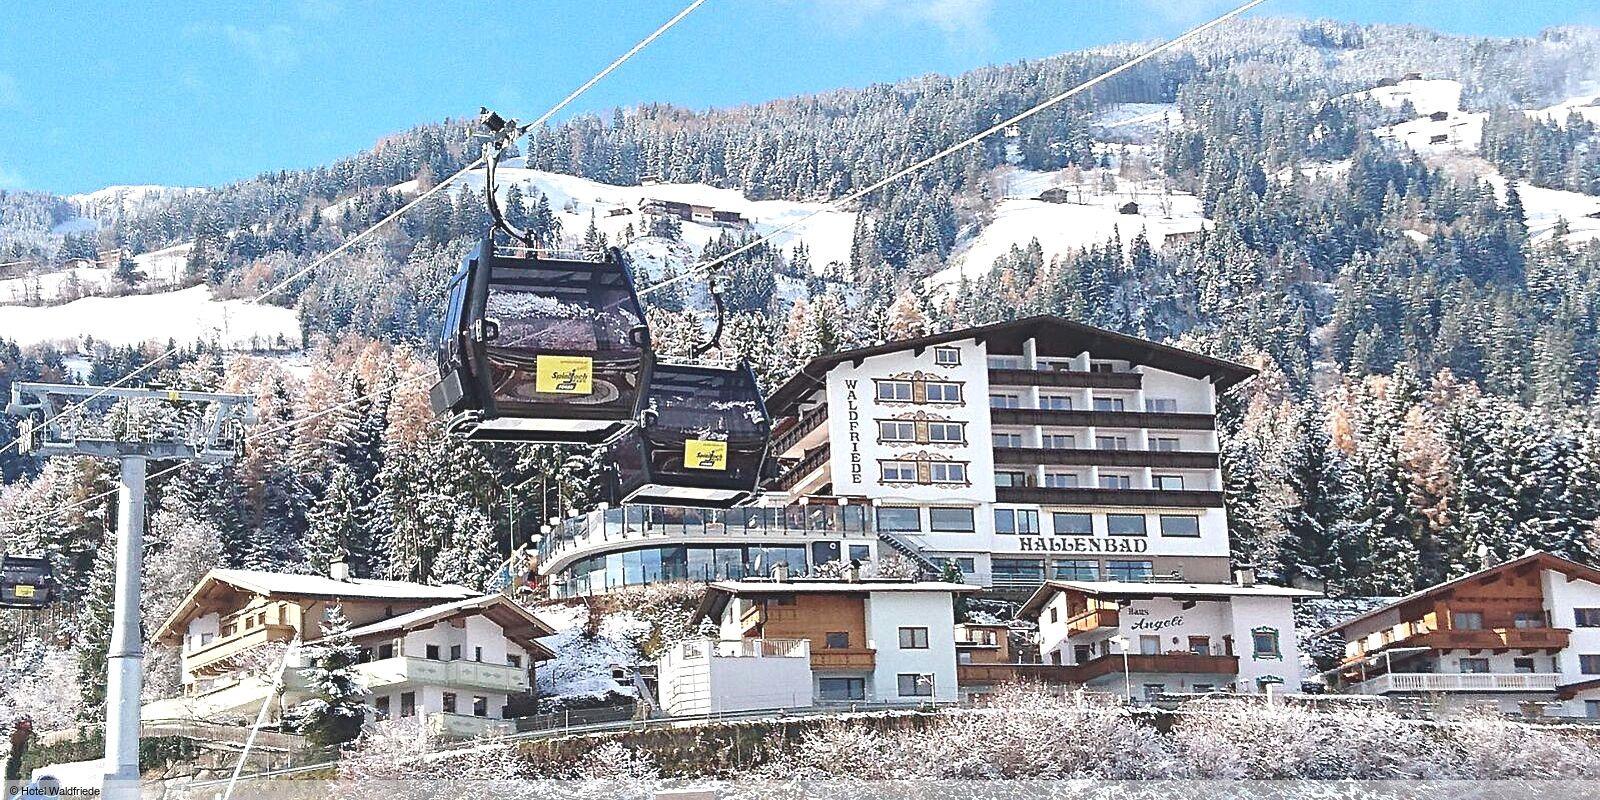 Fugen - Hotel Waldfriede